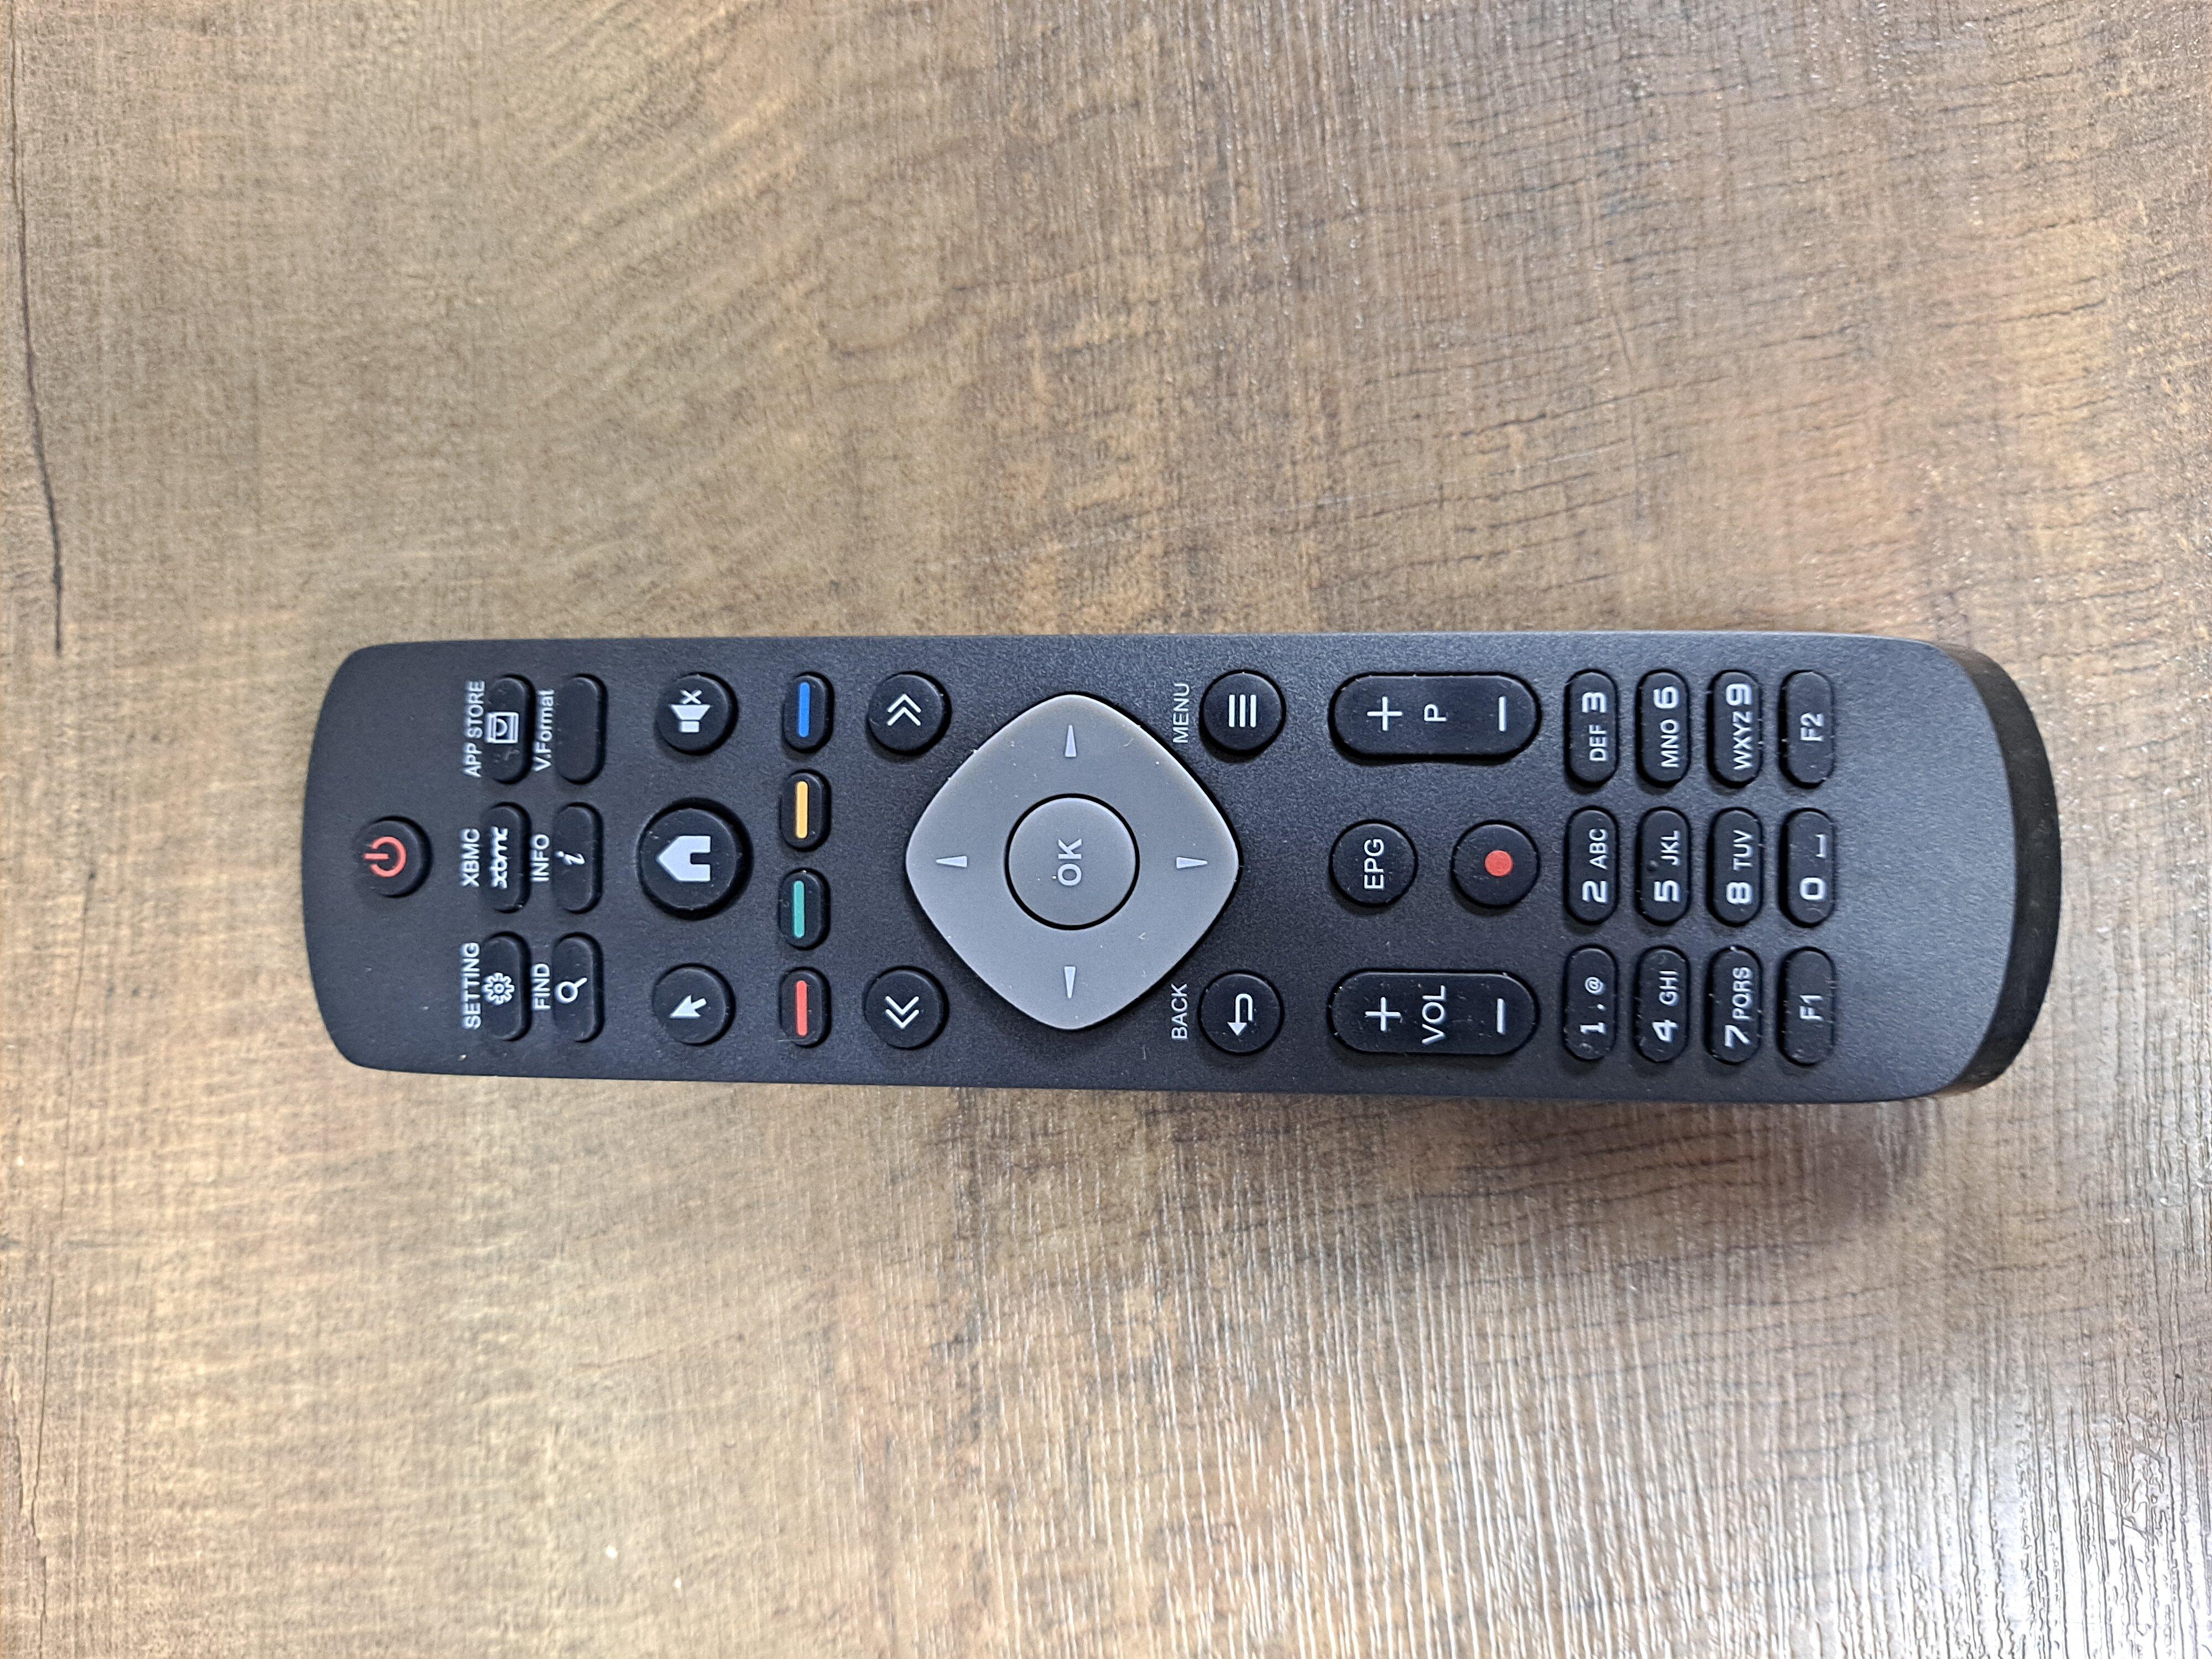 Amiko A3 Combo remote